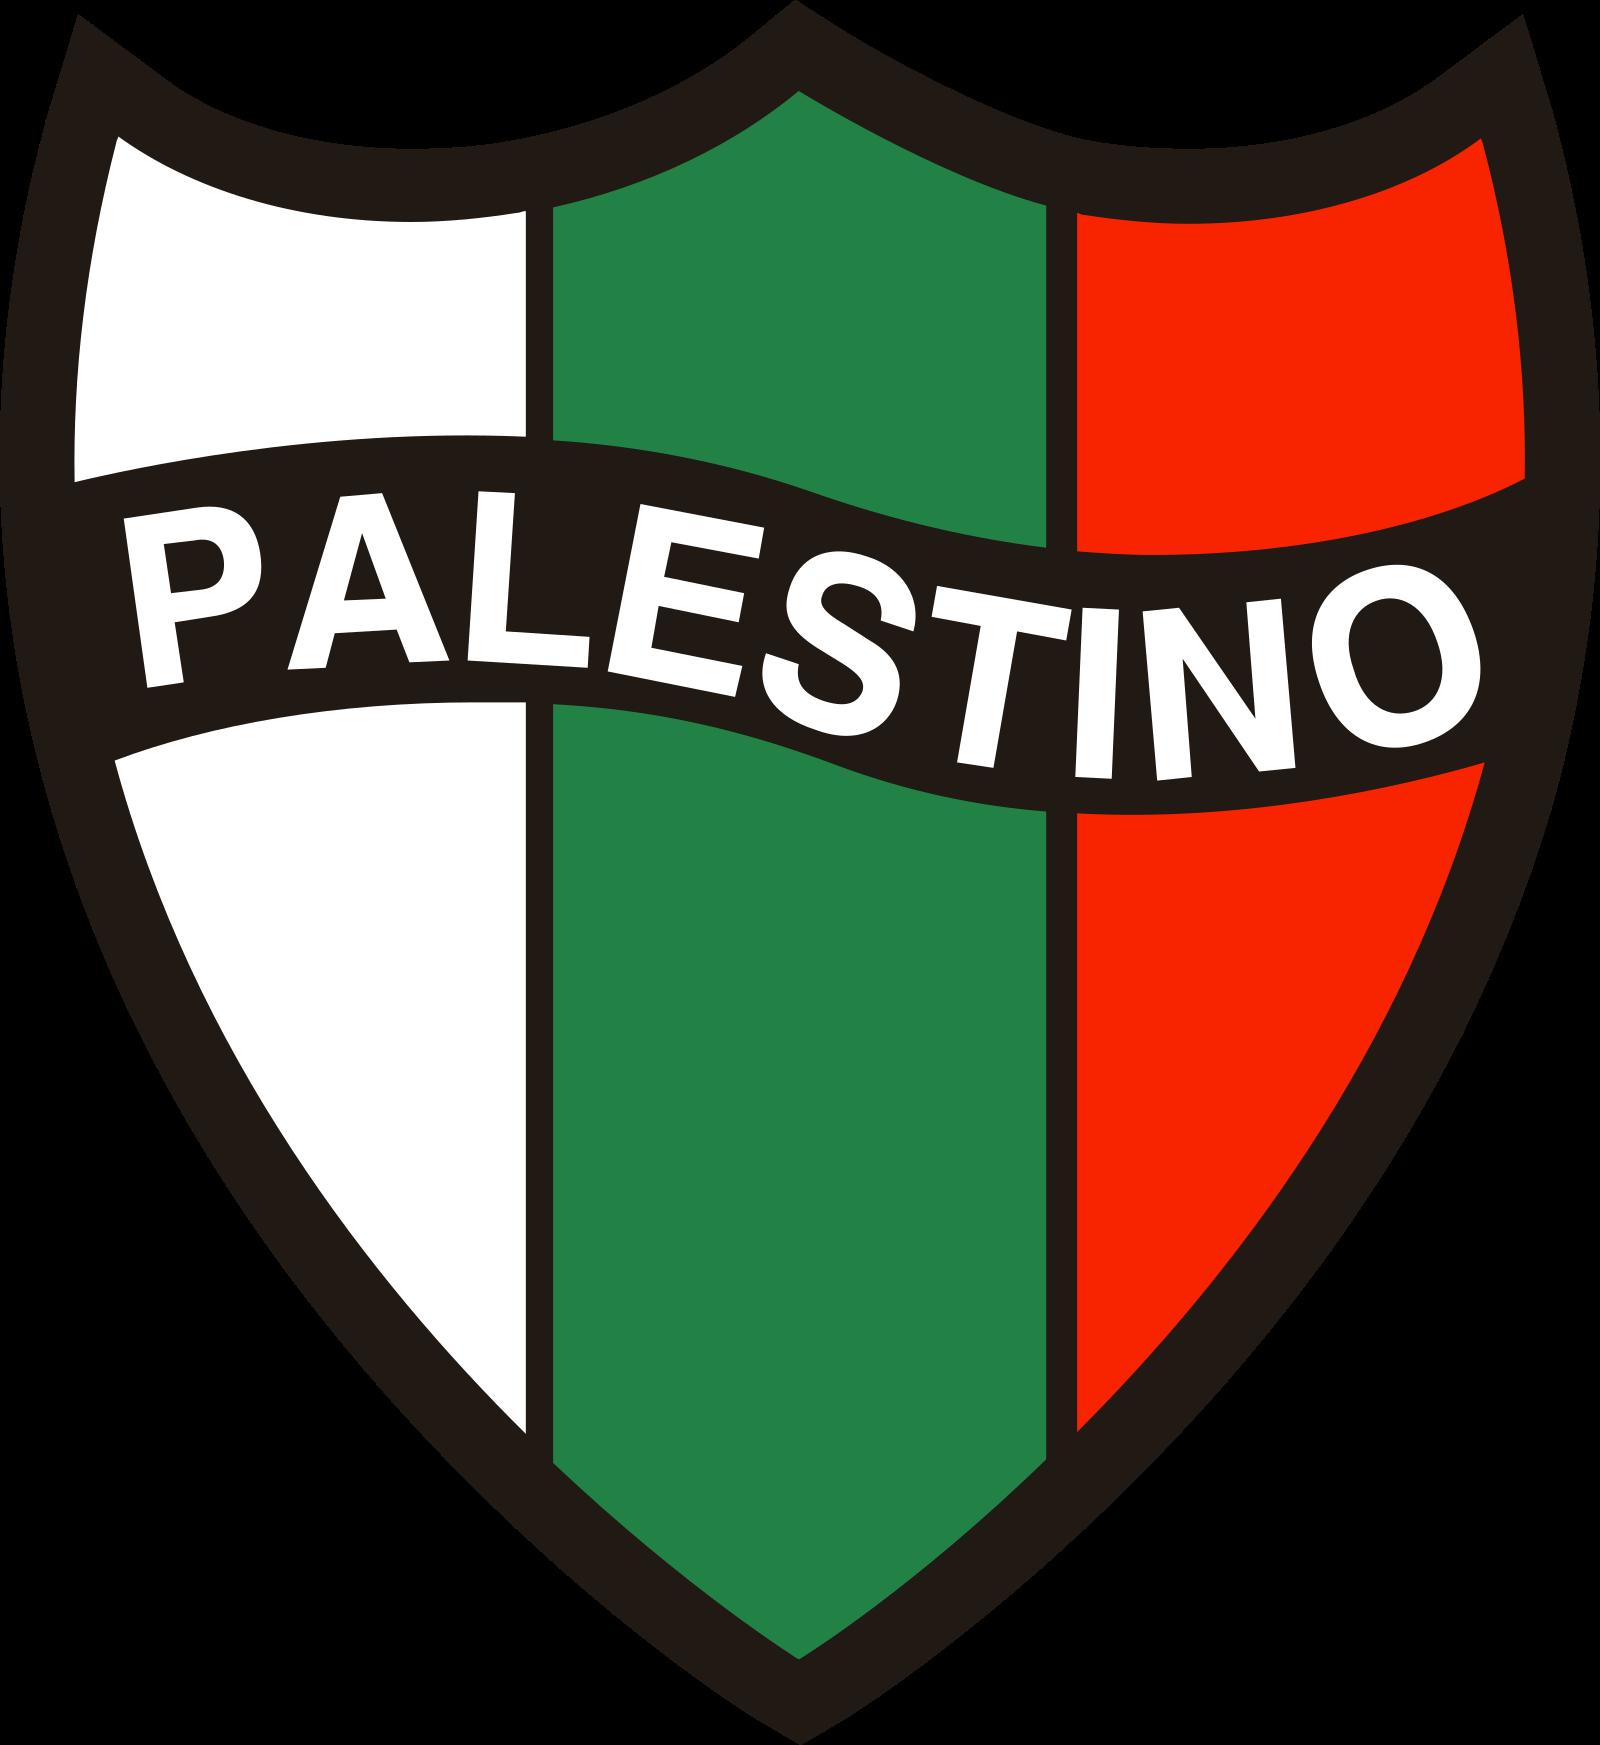 palestino logo escudo 2 - Palestino Logo - Club Deportivo Palestino Escudo